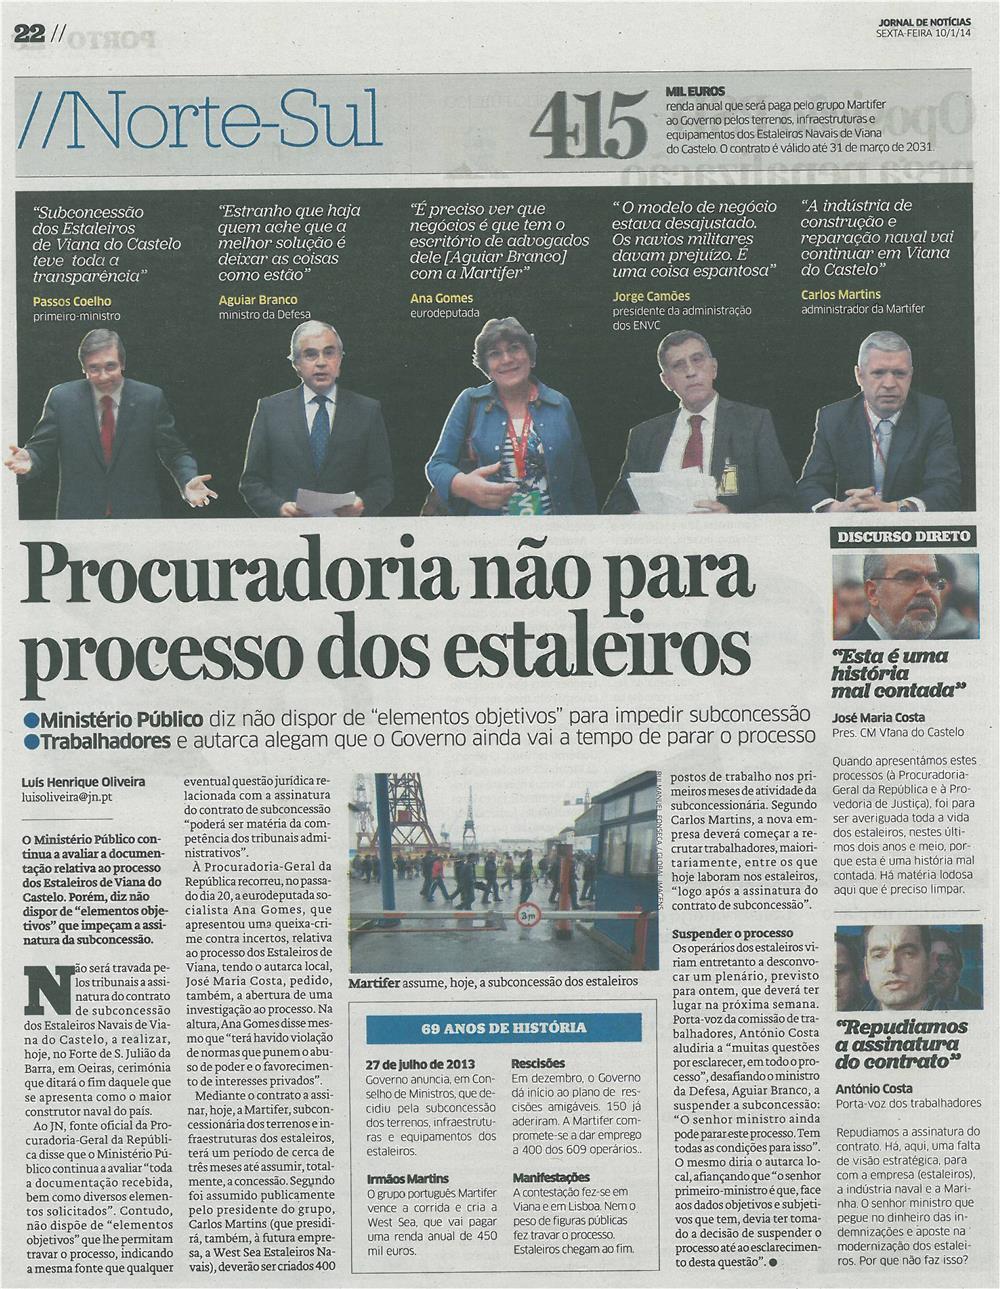 JN-10jan14-p22-Procuradoria não para processo dos Estaleiros